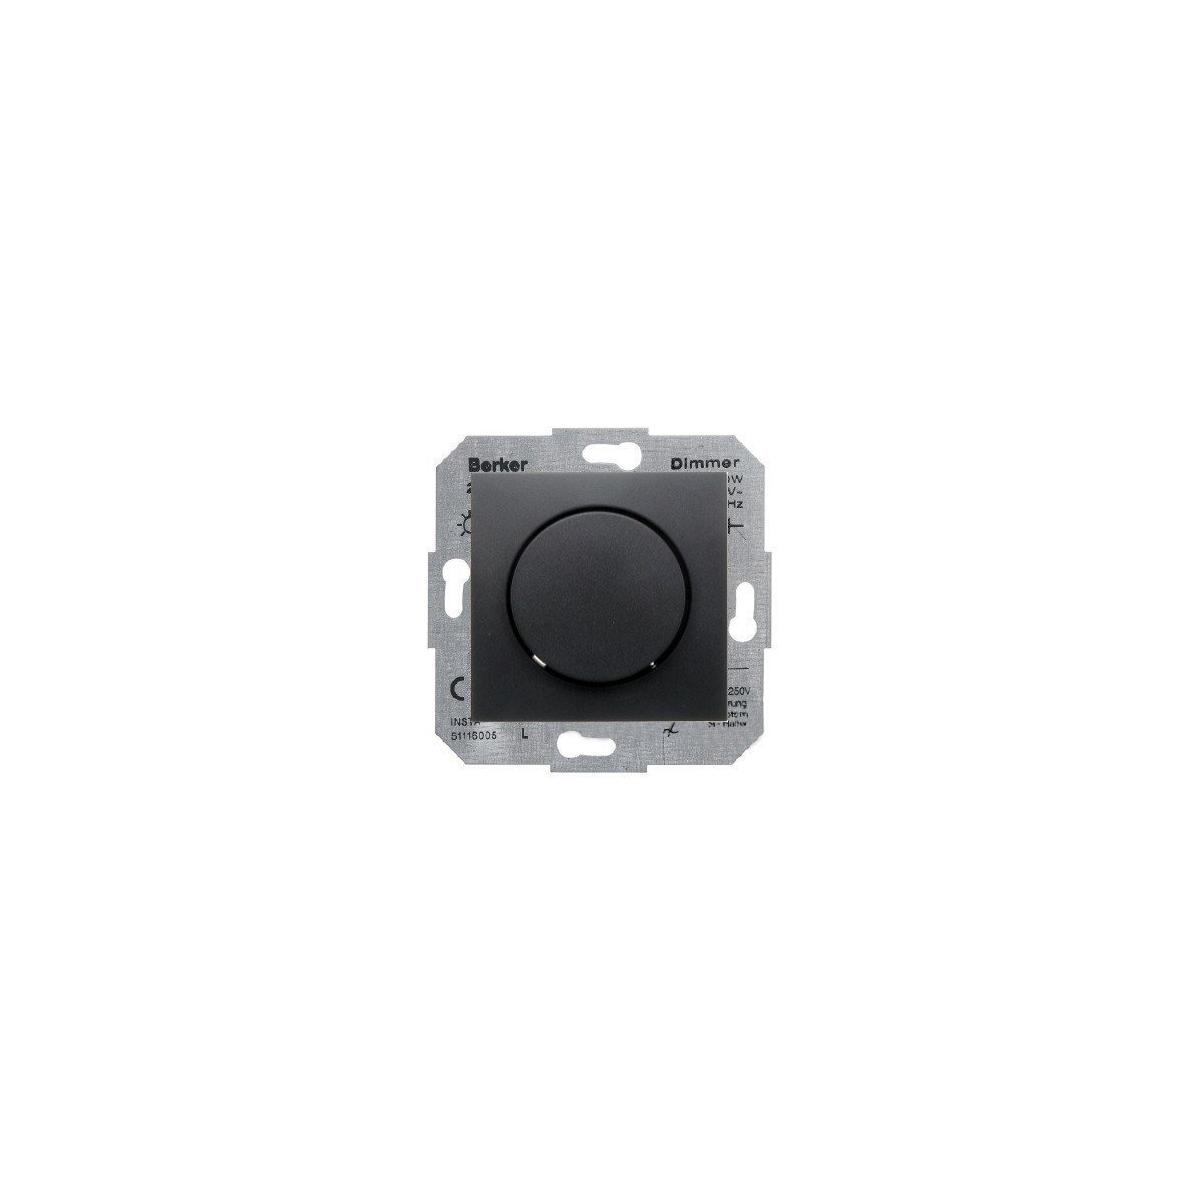 Ściemniacz obrotowy 60-400W Berker B.1/B.3/B.7 antracyt mat (281901+11371606)